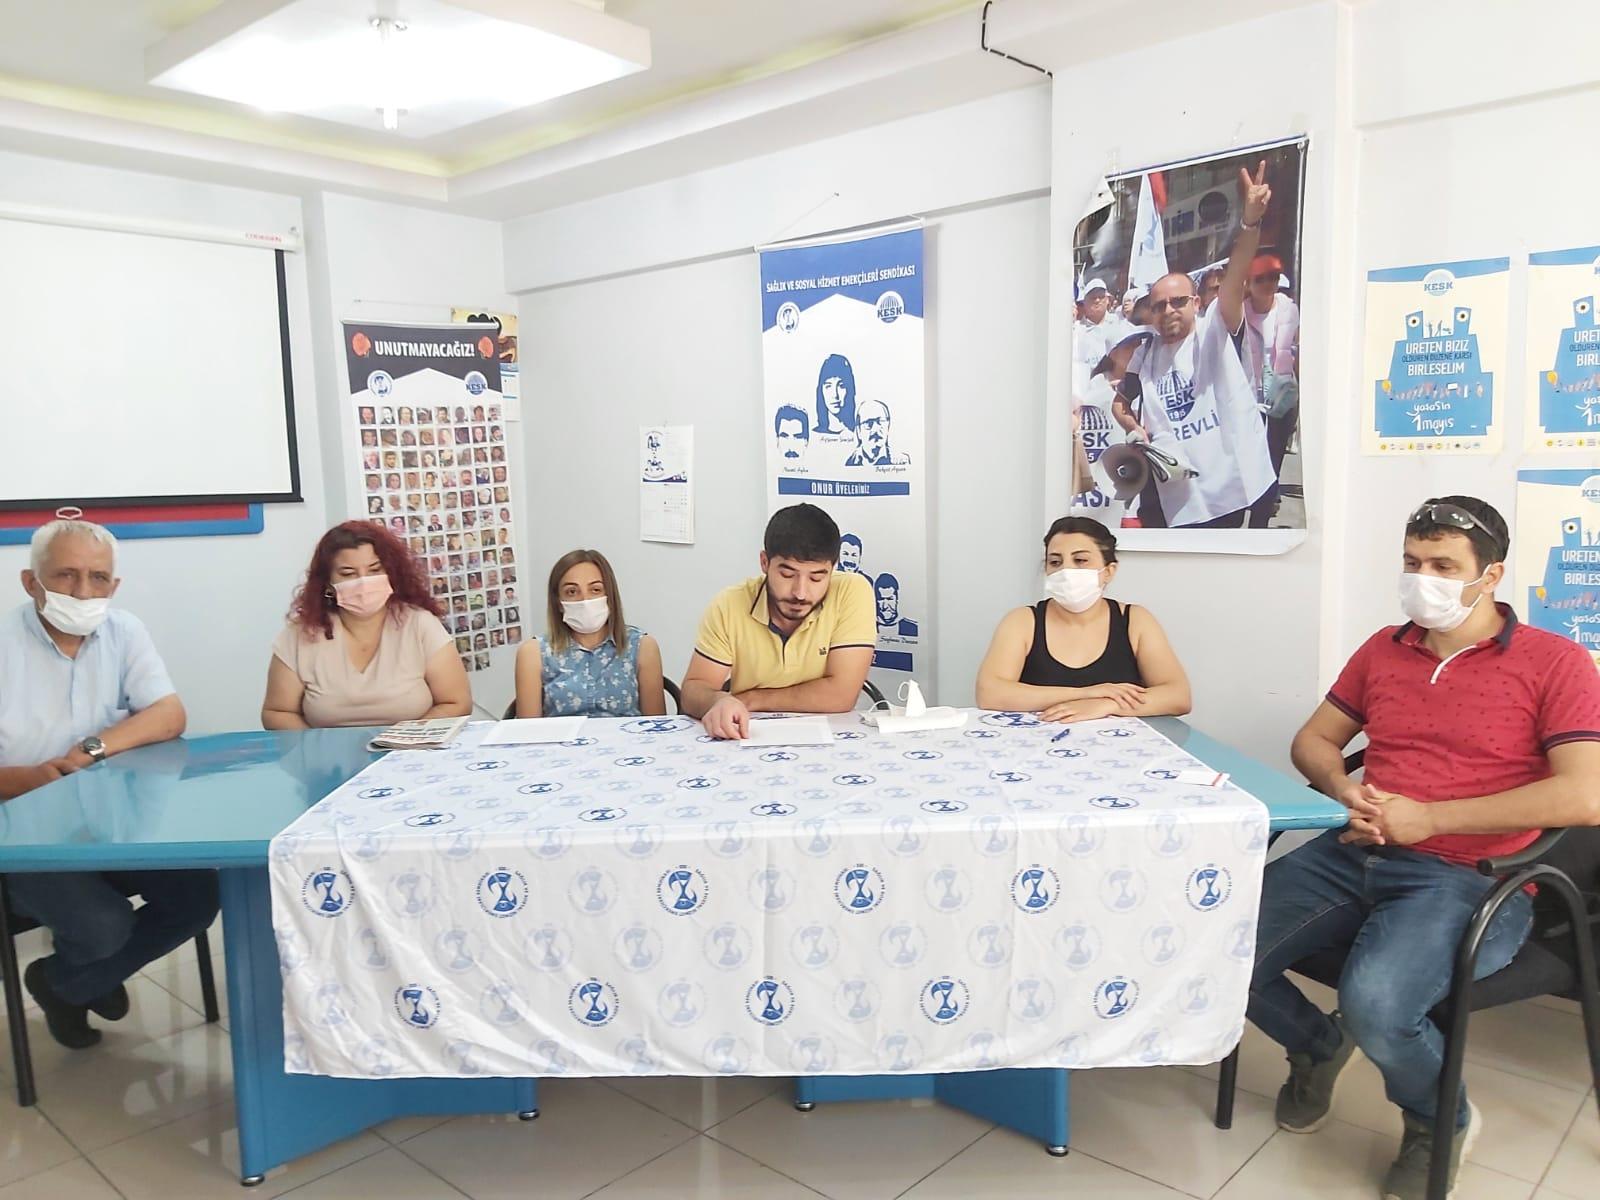 Malatya Şubemiz Sağlık Emekçilerine Yönelik Şiddeti Kınadı